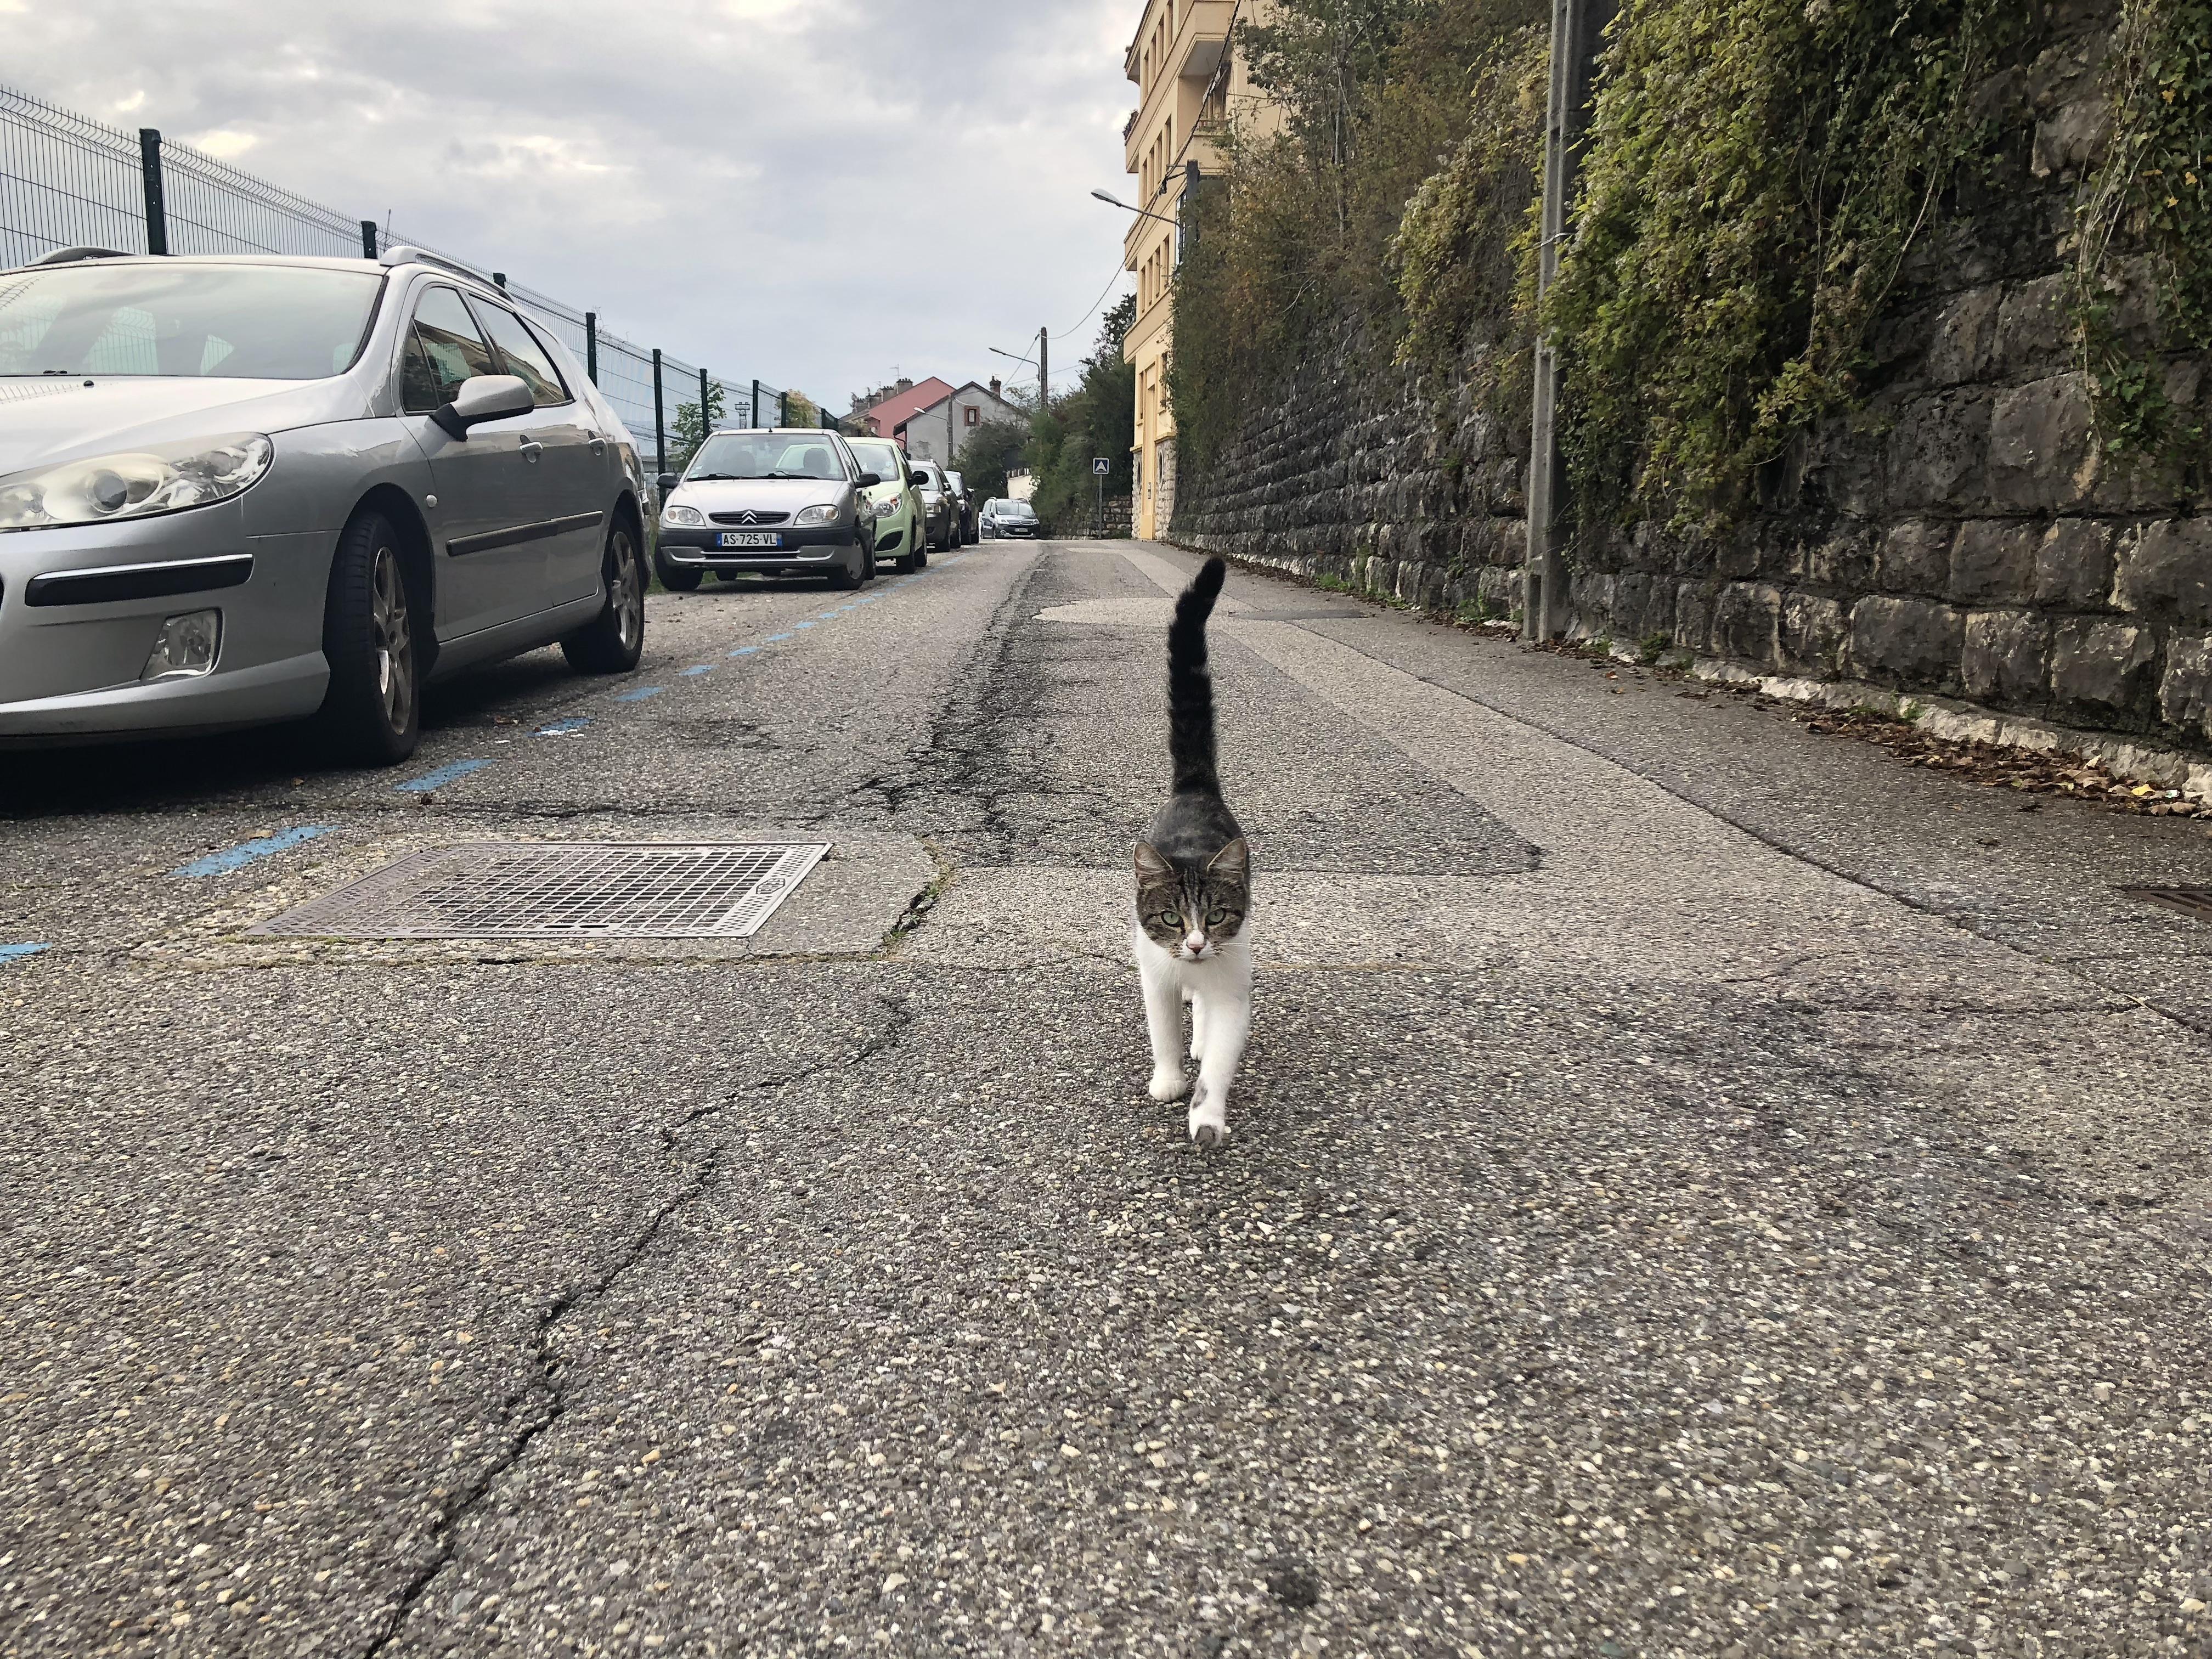 Selon quelques habitants, plusieurs chats se sont faits écraser sur cette route en octobre.